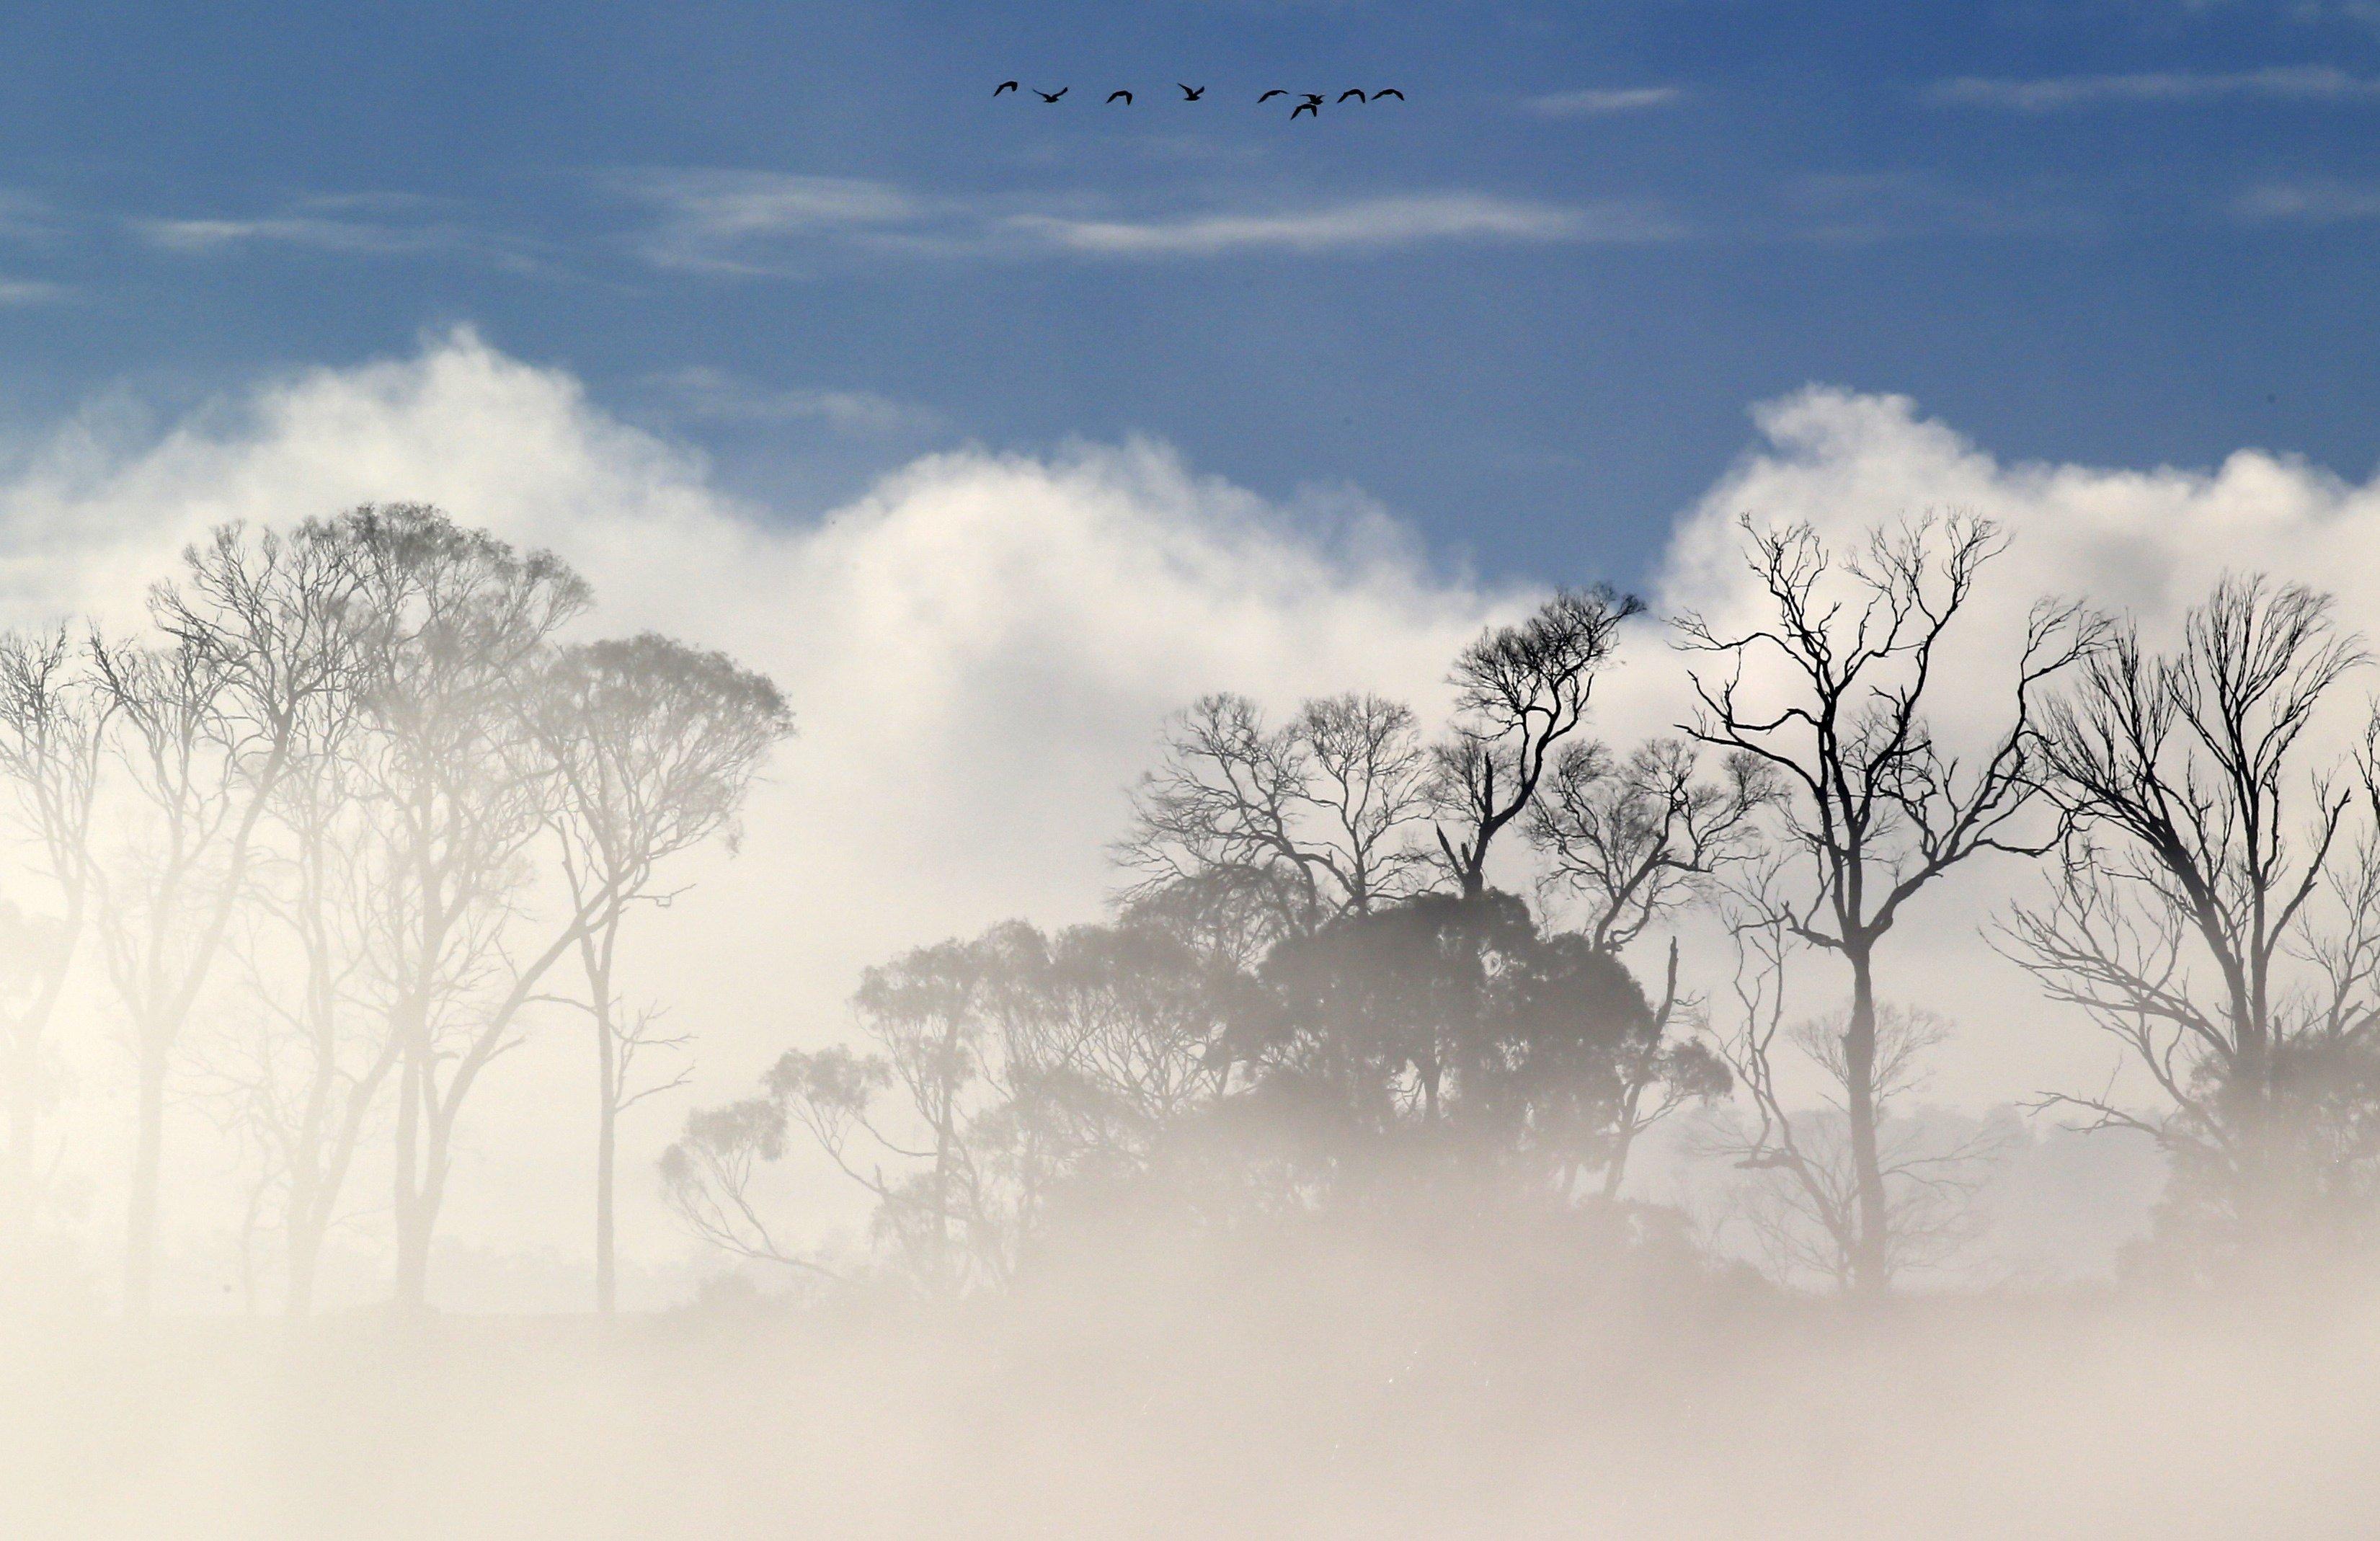 Un esbart d'ocells vola en formació sobre la boira mentre que clareja prop de Launceston, Tasmània (Austràlia). /BARBARA WALTON